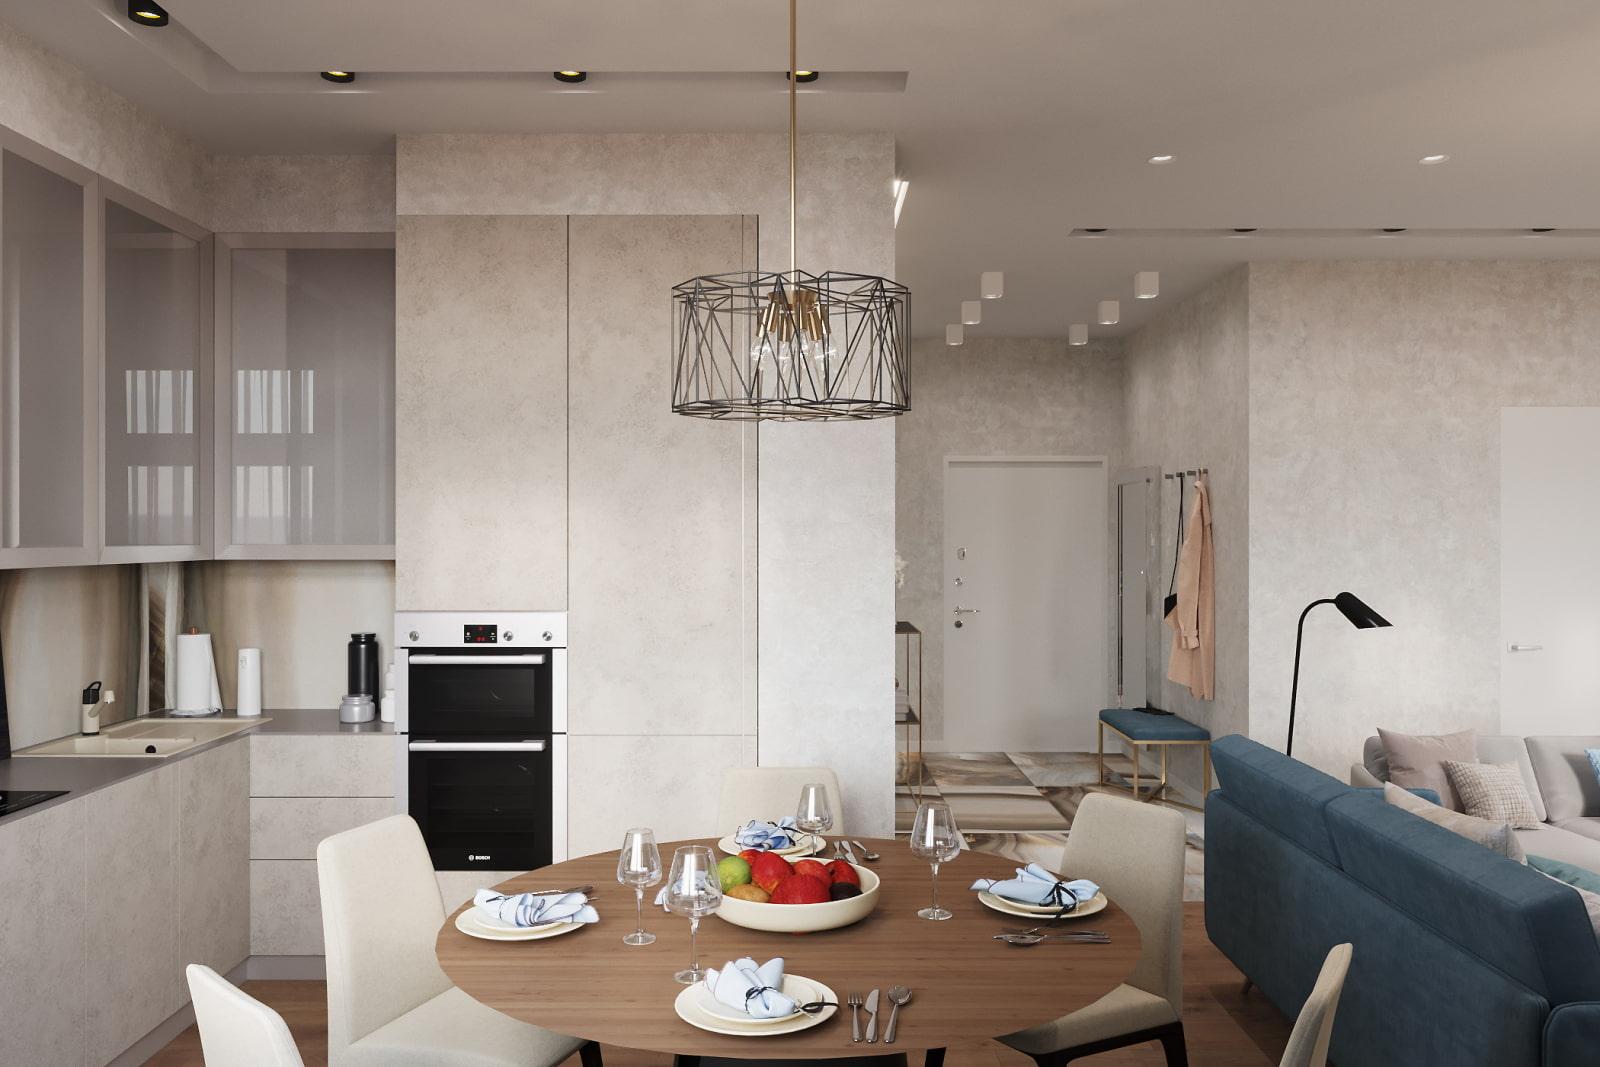 перепланировка трехкомнатной квартиры идеи